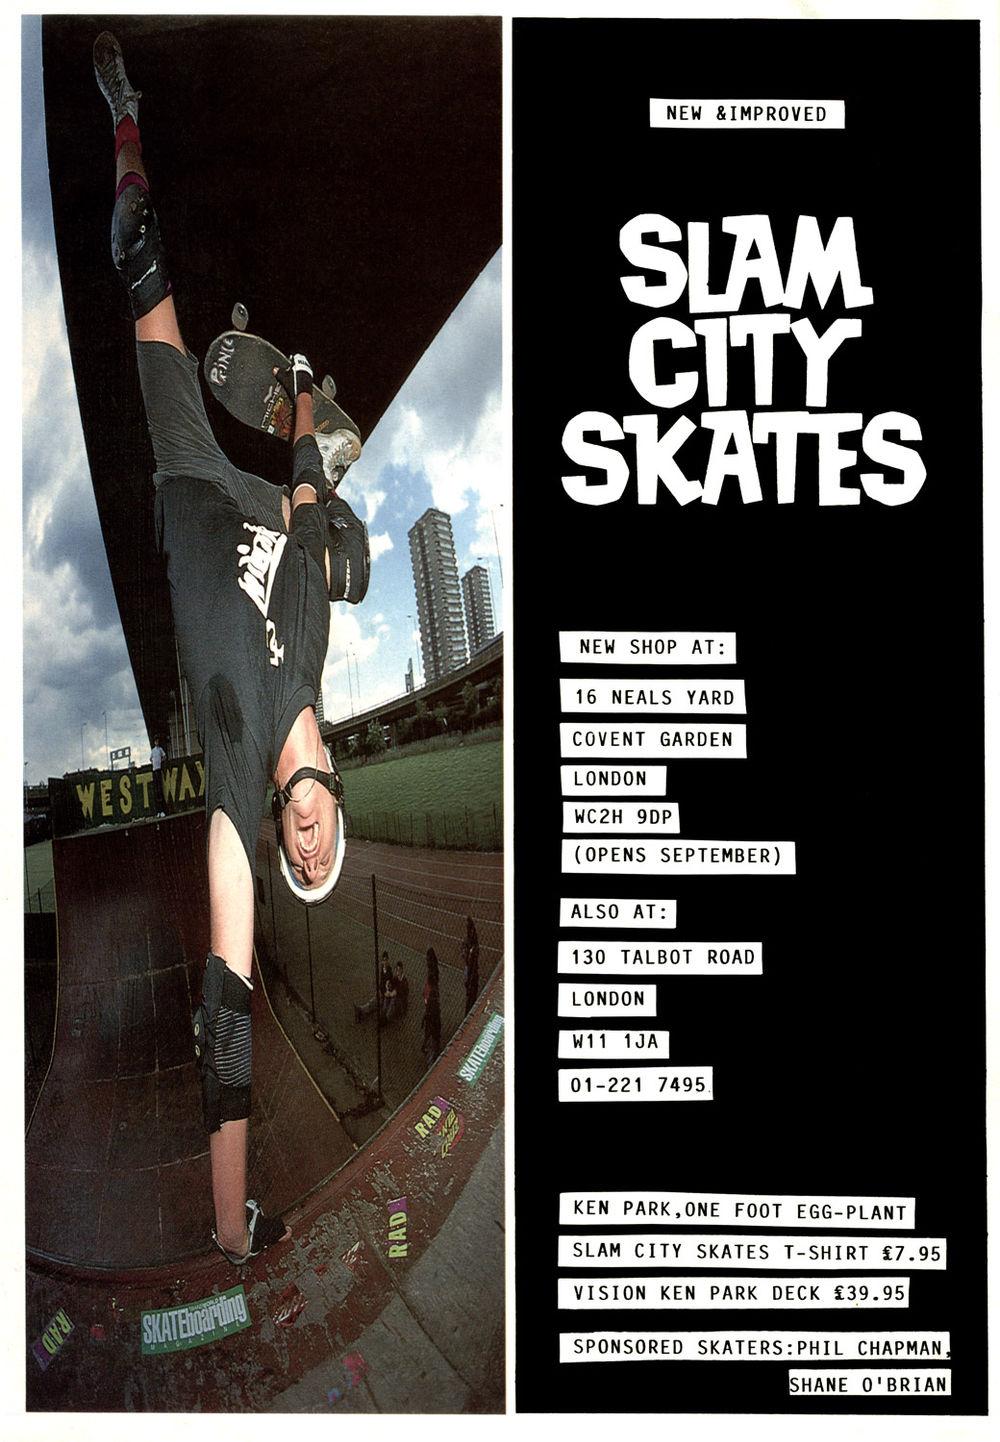 kenpark_slamcity_rad_september_1988_RT